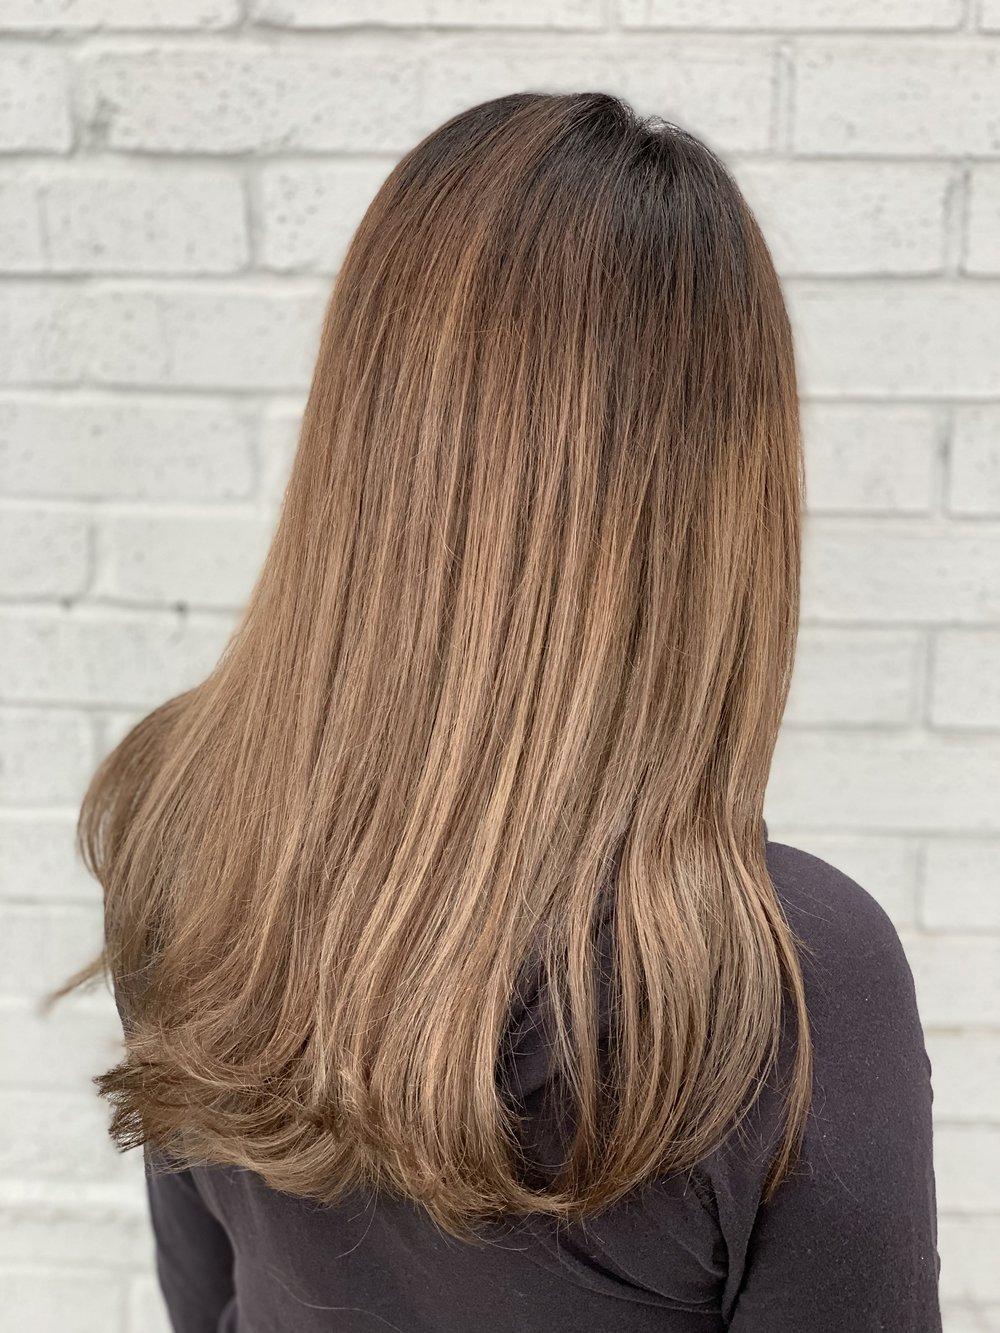 Midtown Houston Hair Salon